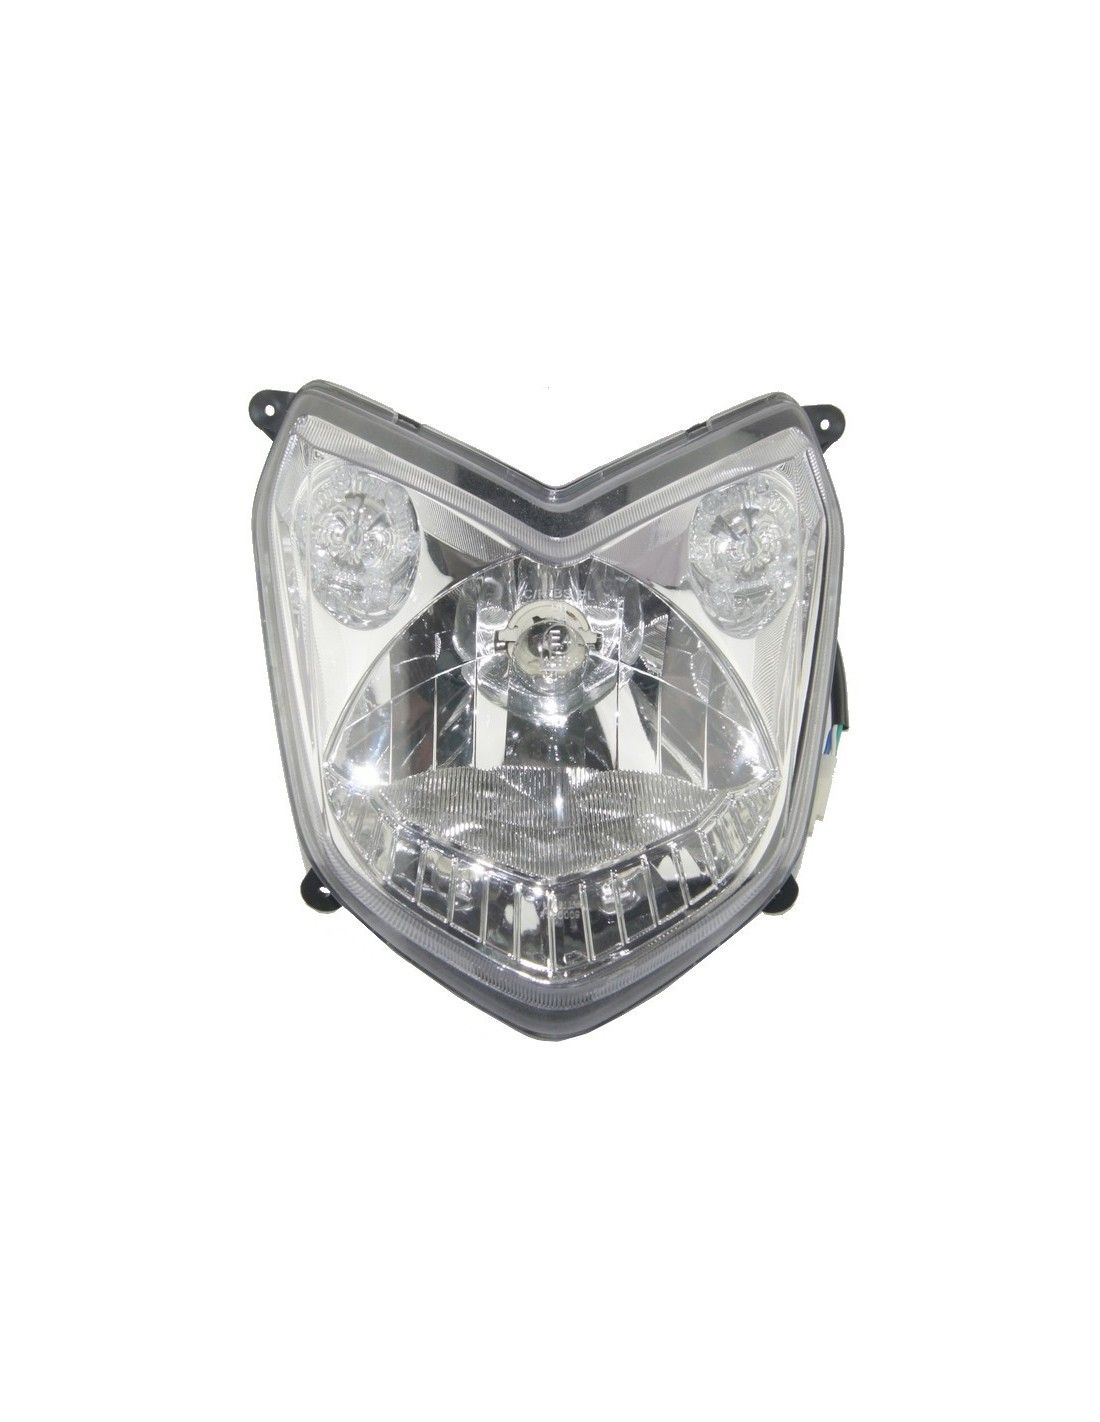 lampa przednia Romet 727 Premium produkowany od 2010 do 2013r